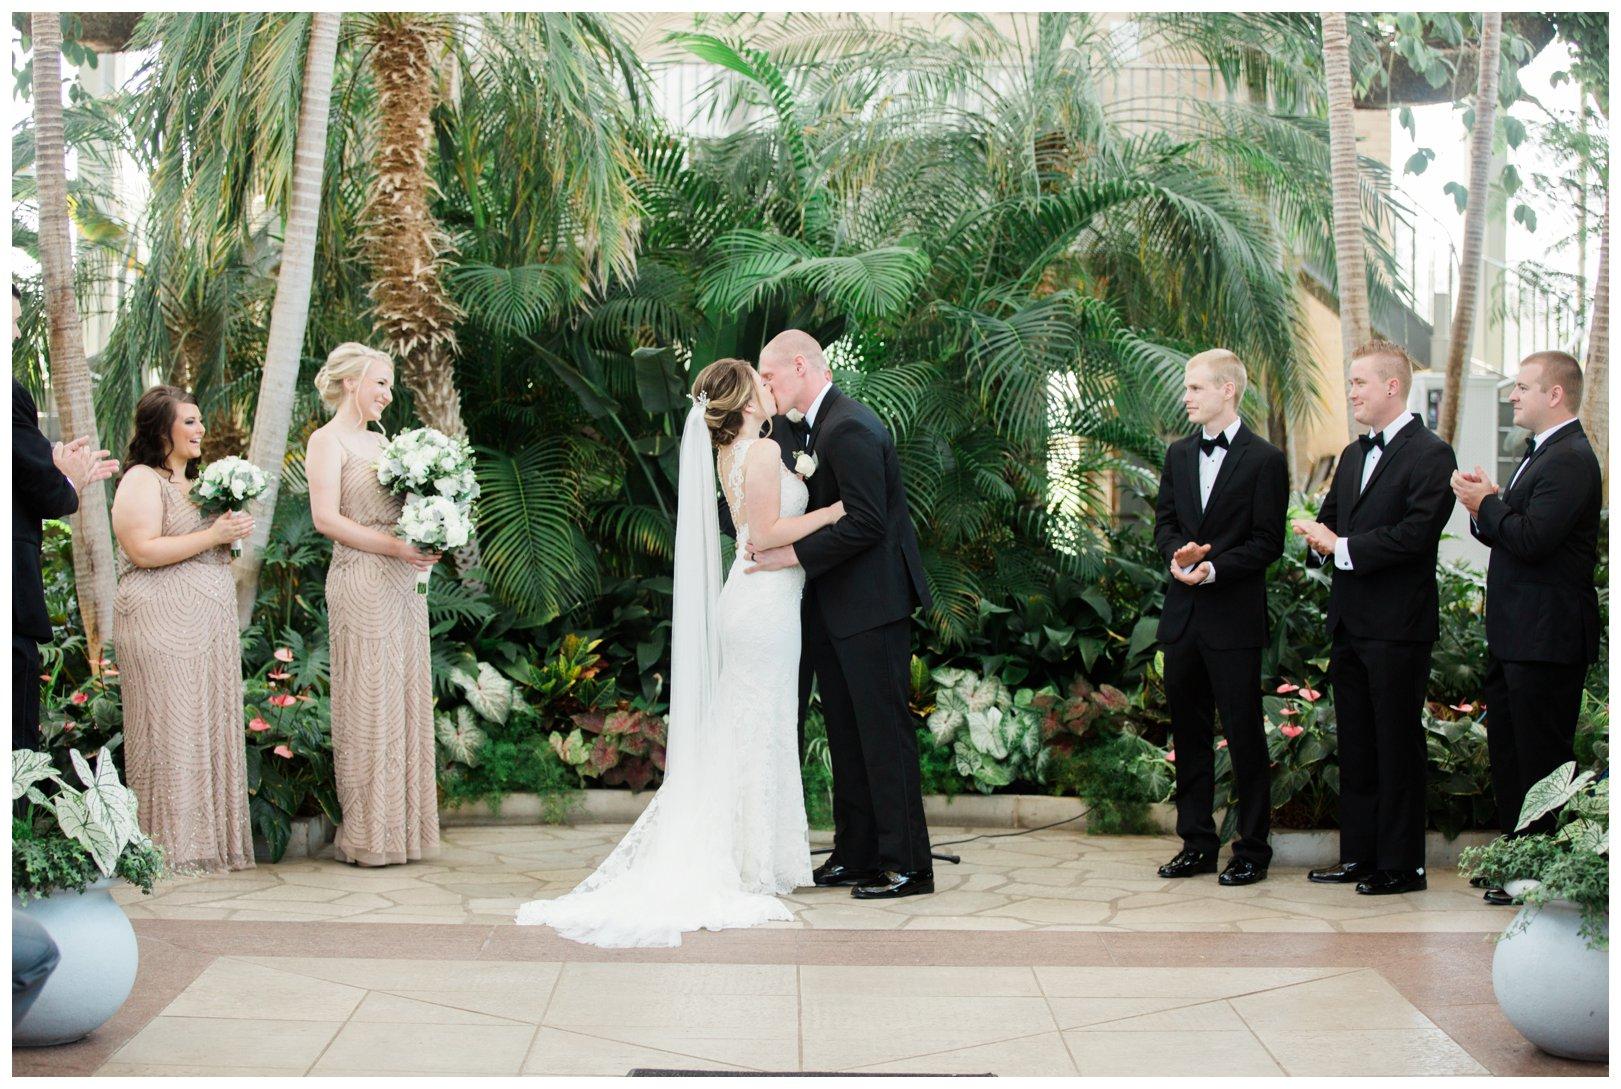 lauren muckler photography_fine art film wedding photography_st louis_photography_1305.jpg